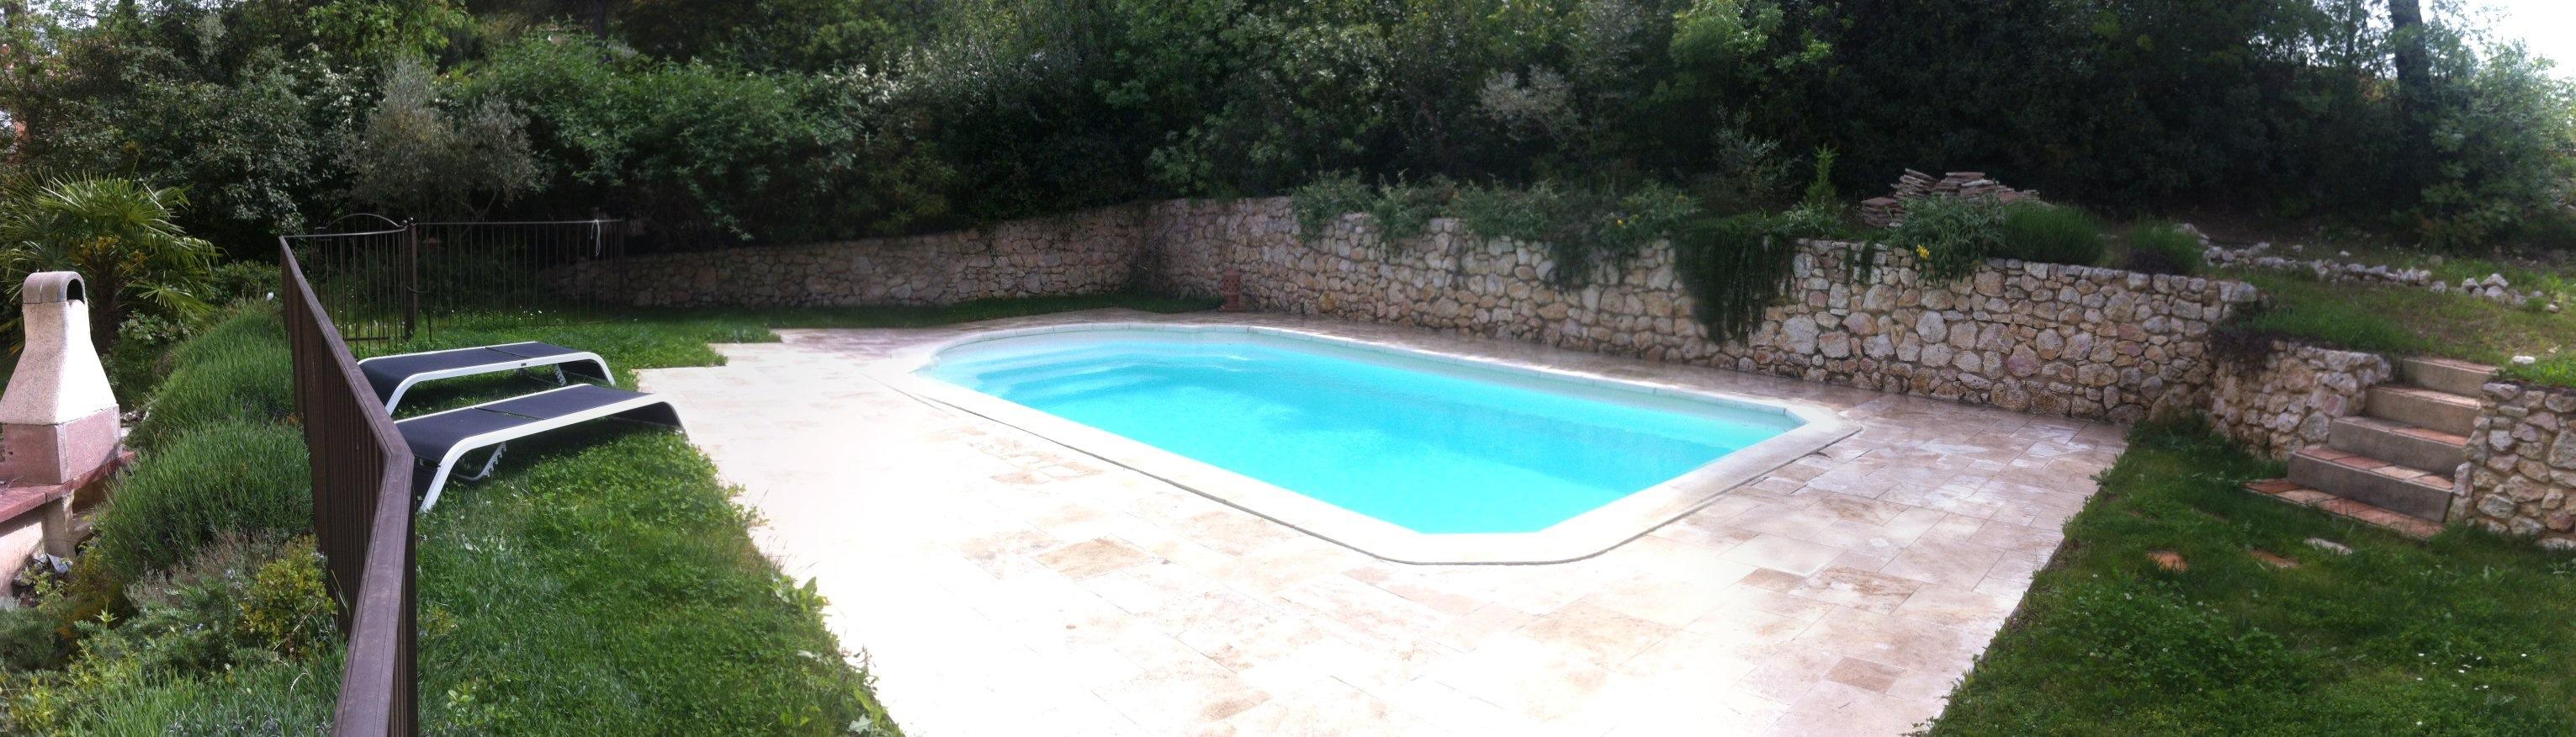 2012 01 piscine abords en pierre blb carrelage - Contour de piscine en pierre ...